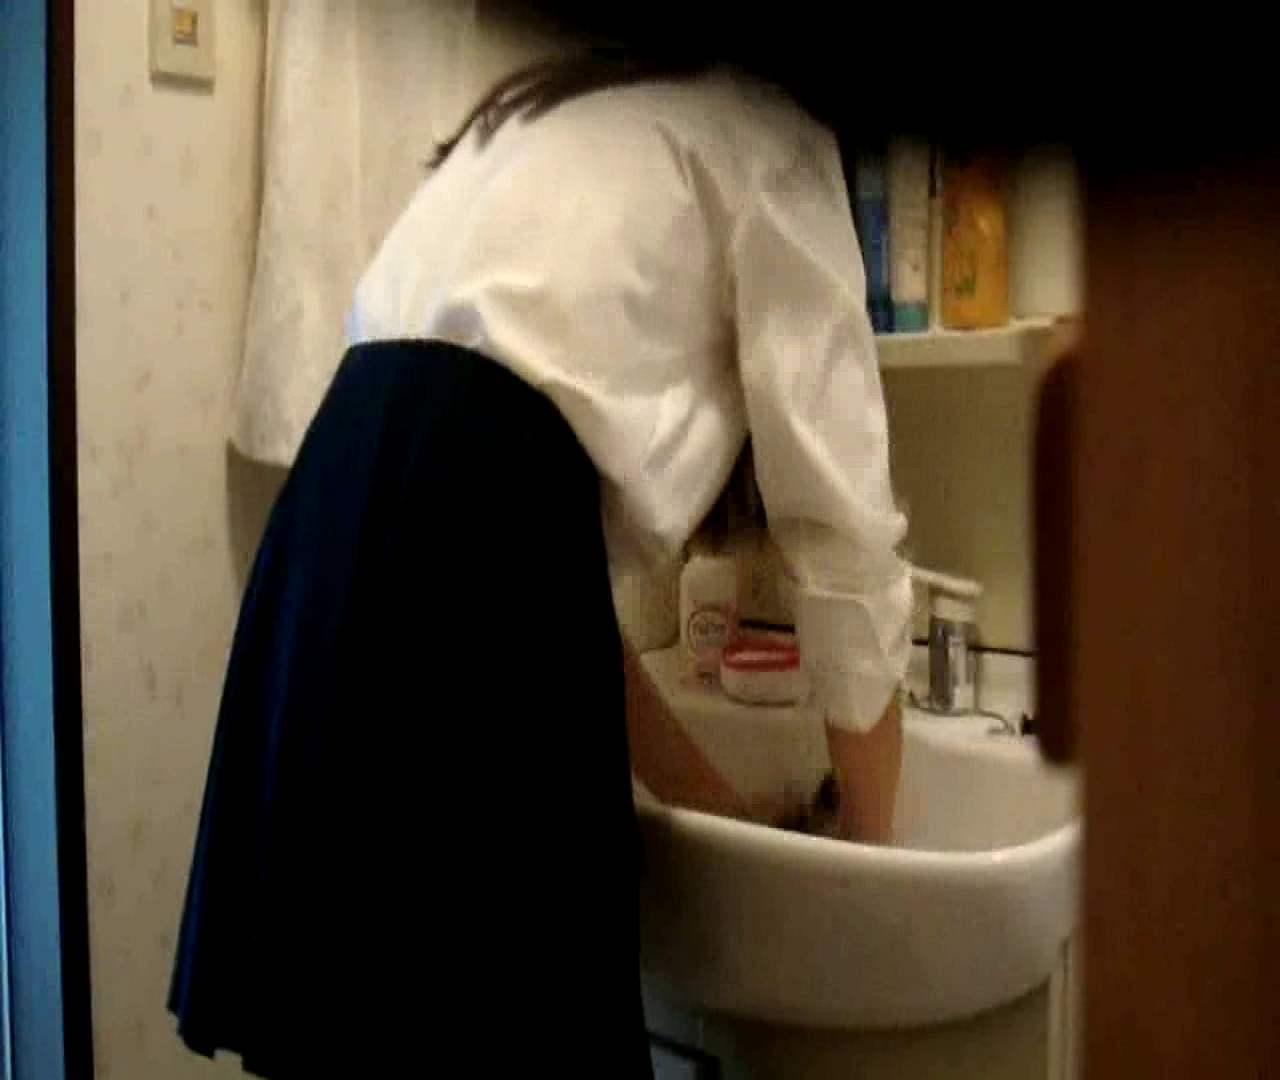 二人とも育てた甲斐がありました… vol.05 まどかが洗顔後にブラを洗濯 盗撮シリーズ | おまんこ見放題  79PIX 71